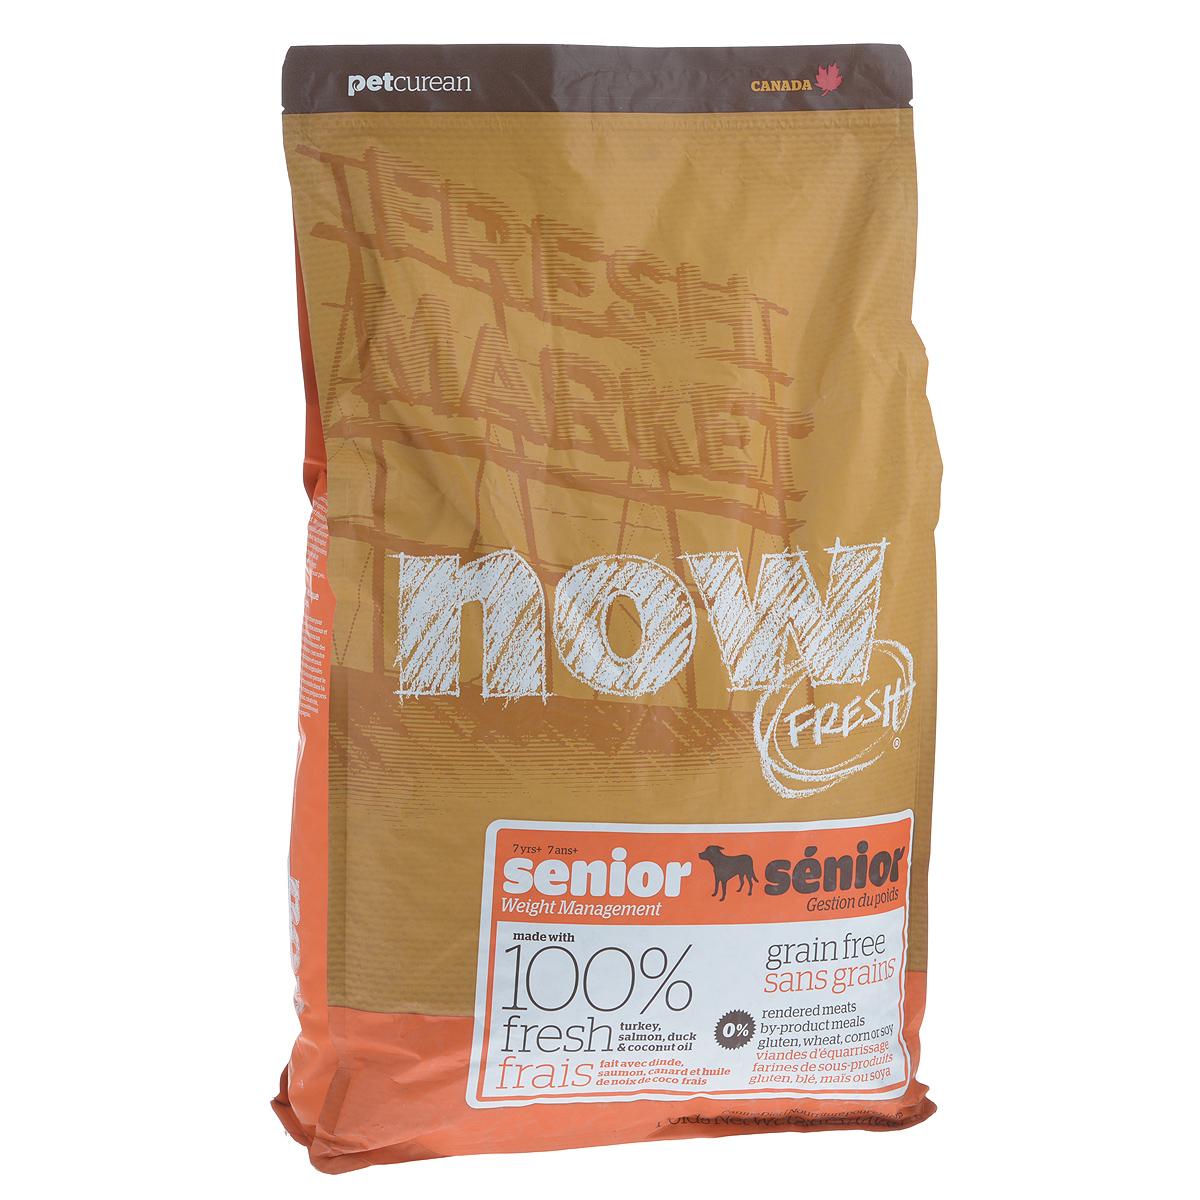 Корм сухой Now Fresh Контроль веса для собак, беззерновой, с индейкой, уткой и овощами, 5,44 кг10130Now Fresh Контроль веса - полностью сбалансированный холистик корм из филе индейки и утки, выращенных на канадских фермах, из лосося без костей, выловленного в озерах Британской Колумбии. Прекрасно подходит собакам старше 7 лет и взрослым собакам (1-6 лет) с избыточным весом. Ключевые преимущества: - полностью беззерновой со сбалансированным содержание белков и жиров, - не содержит субпродуктов, красителей, говядины, мясных ингредиентов, выращенных на гормонах, - омега-масла в составе необходимы для здоровой кожи и шерсти, - пробиотики и пребиотики обеспечивают здоровое пищеварение, - антиоксиданты укрепляют иммунную систему. Состав: филе индейки, картофель, яблоки, горох, картофельная мука, томаты, сушеная люцерна, масло канолы (источник витамина Е), натуральный ароматизатор, утиное филе, филе лосося, кокосовое масло (источники витамина Е), свежие цельные яйца, семена льна, морковь, тыква, бананы, черника, клюква, малина,...